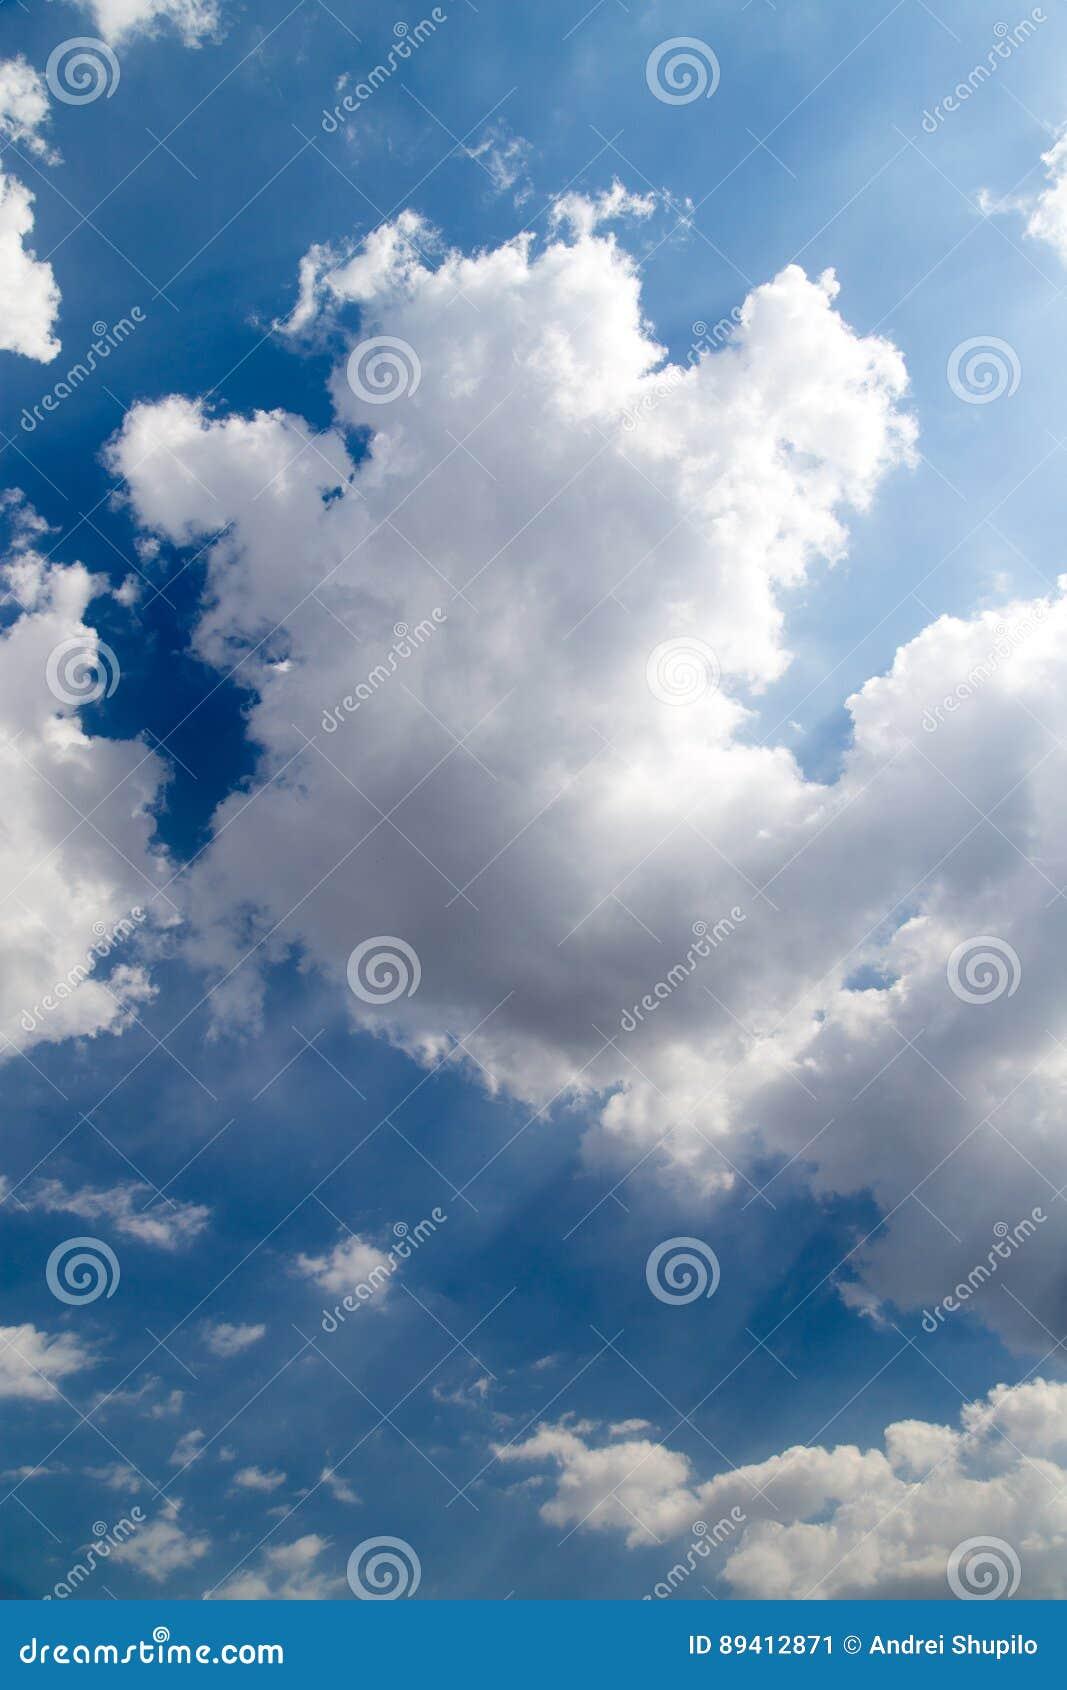 Fundo bonito do céu com nuvens